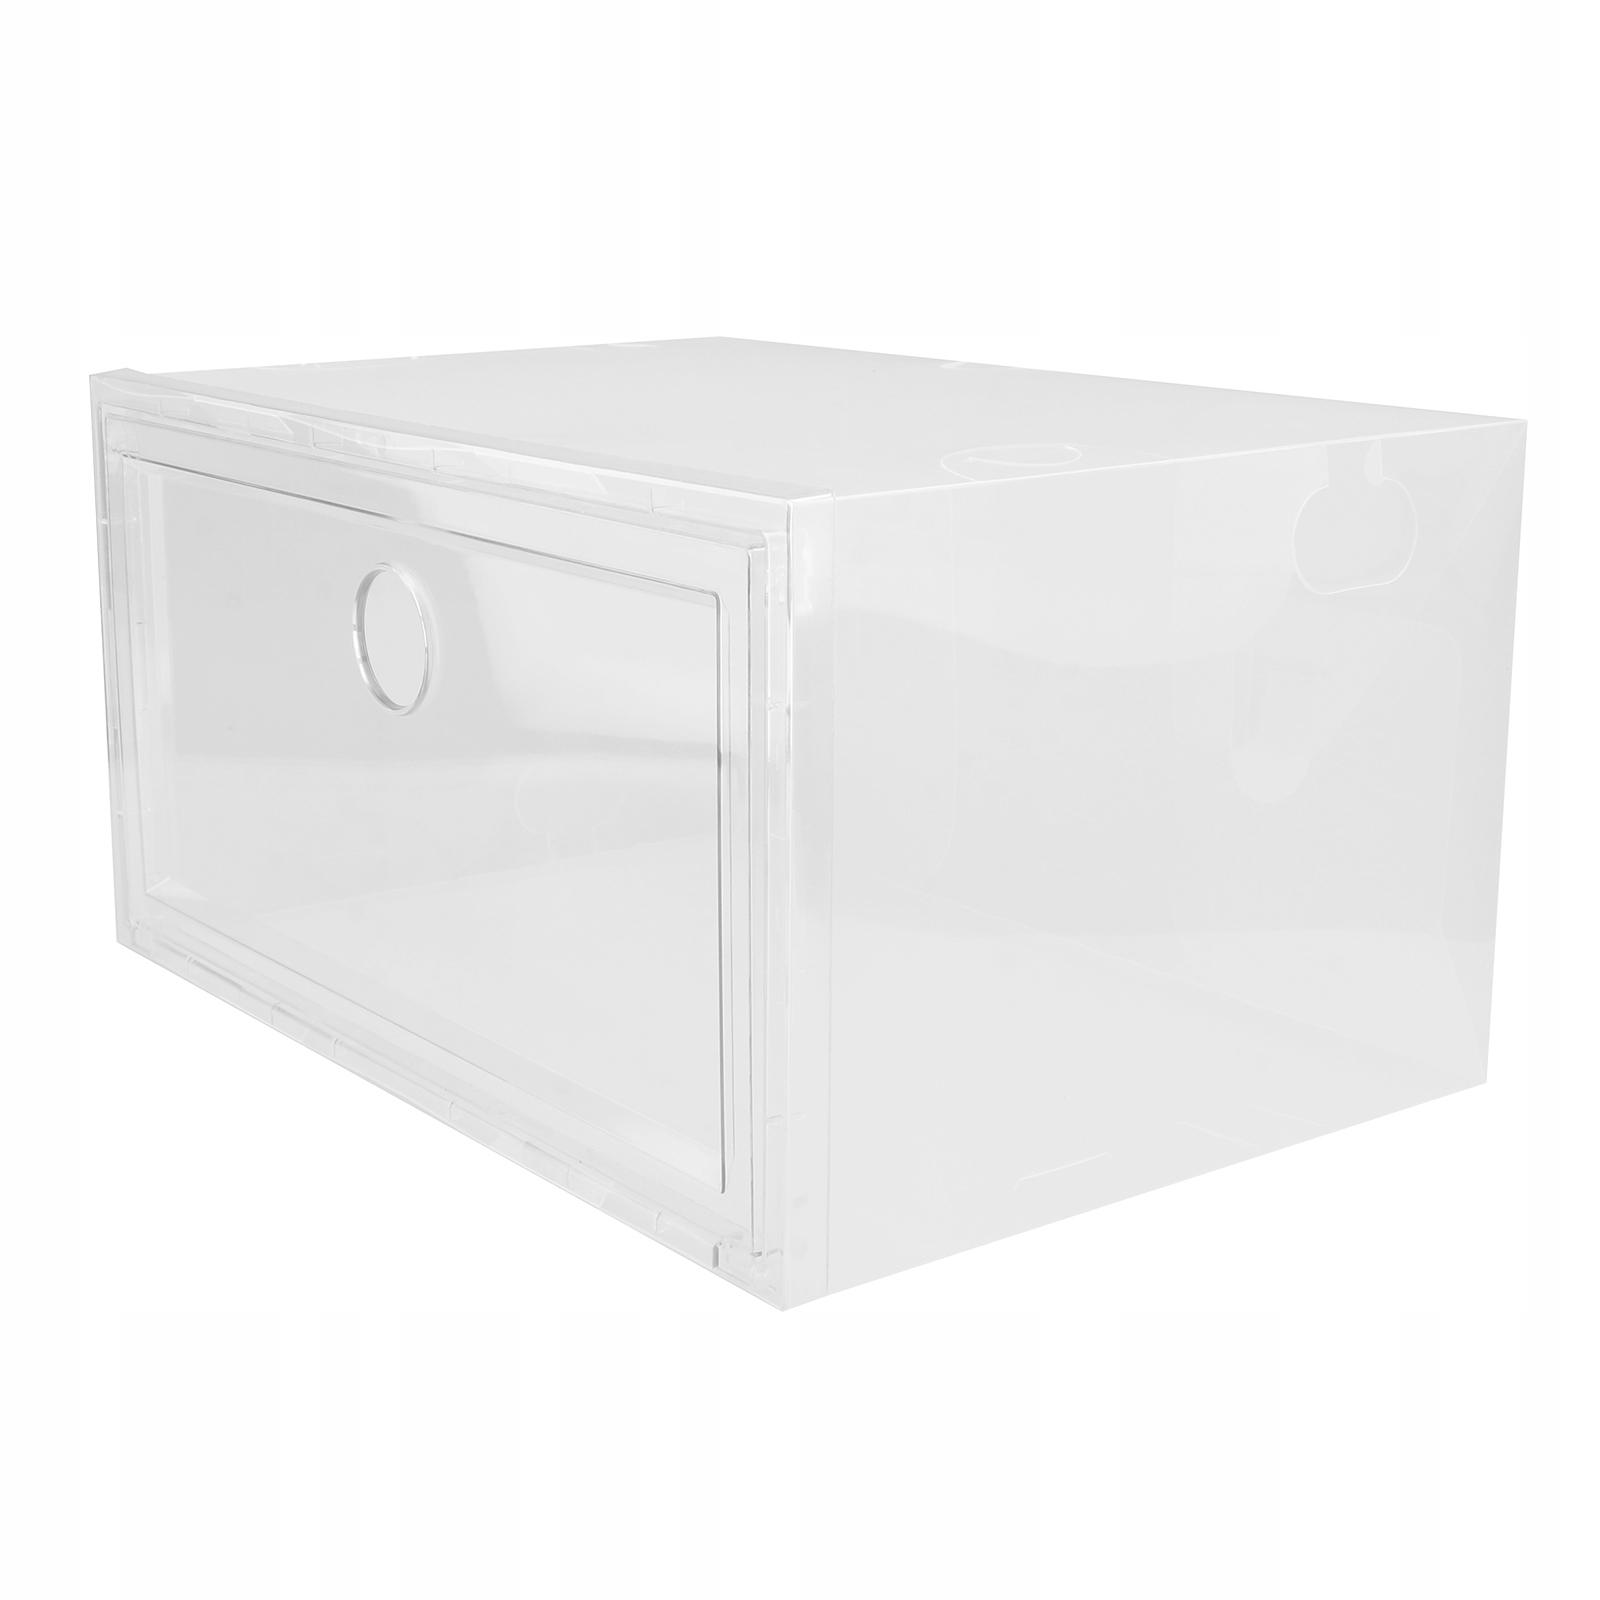 Ящик для хранения обуви 34 * 18 * 25 см